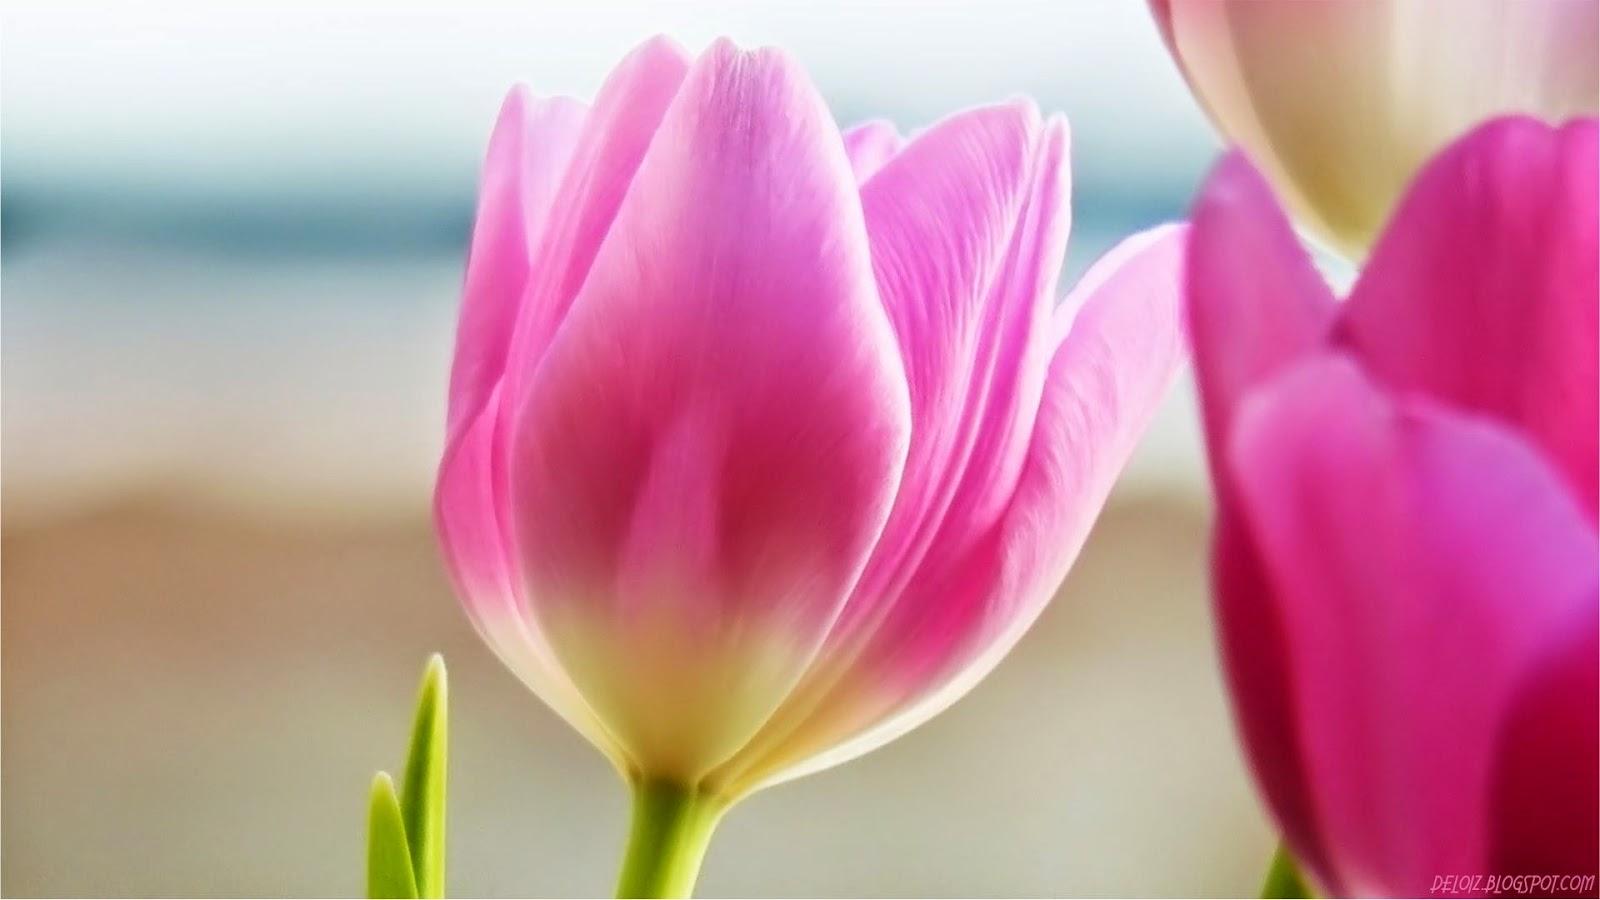 Trending Hari Ini Wallpaper Bunga Tulip Pink